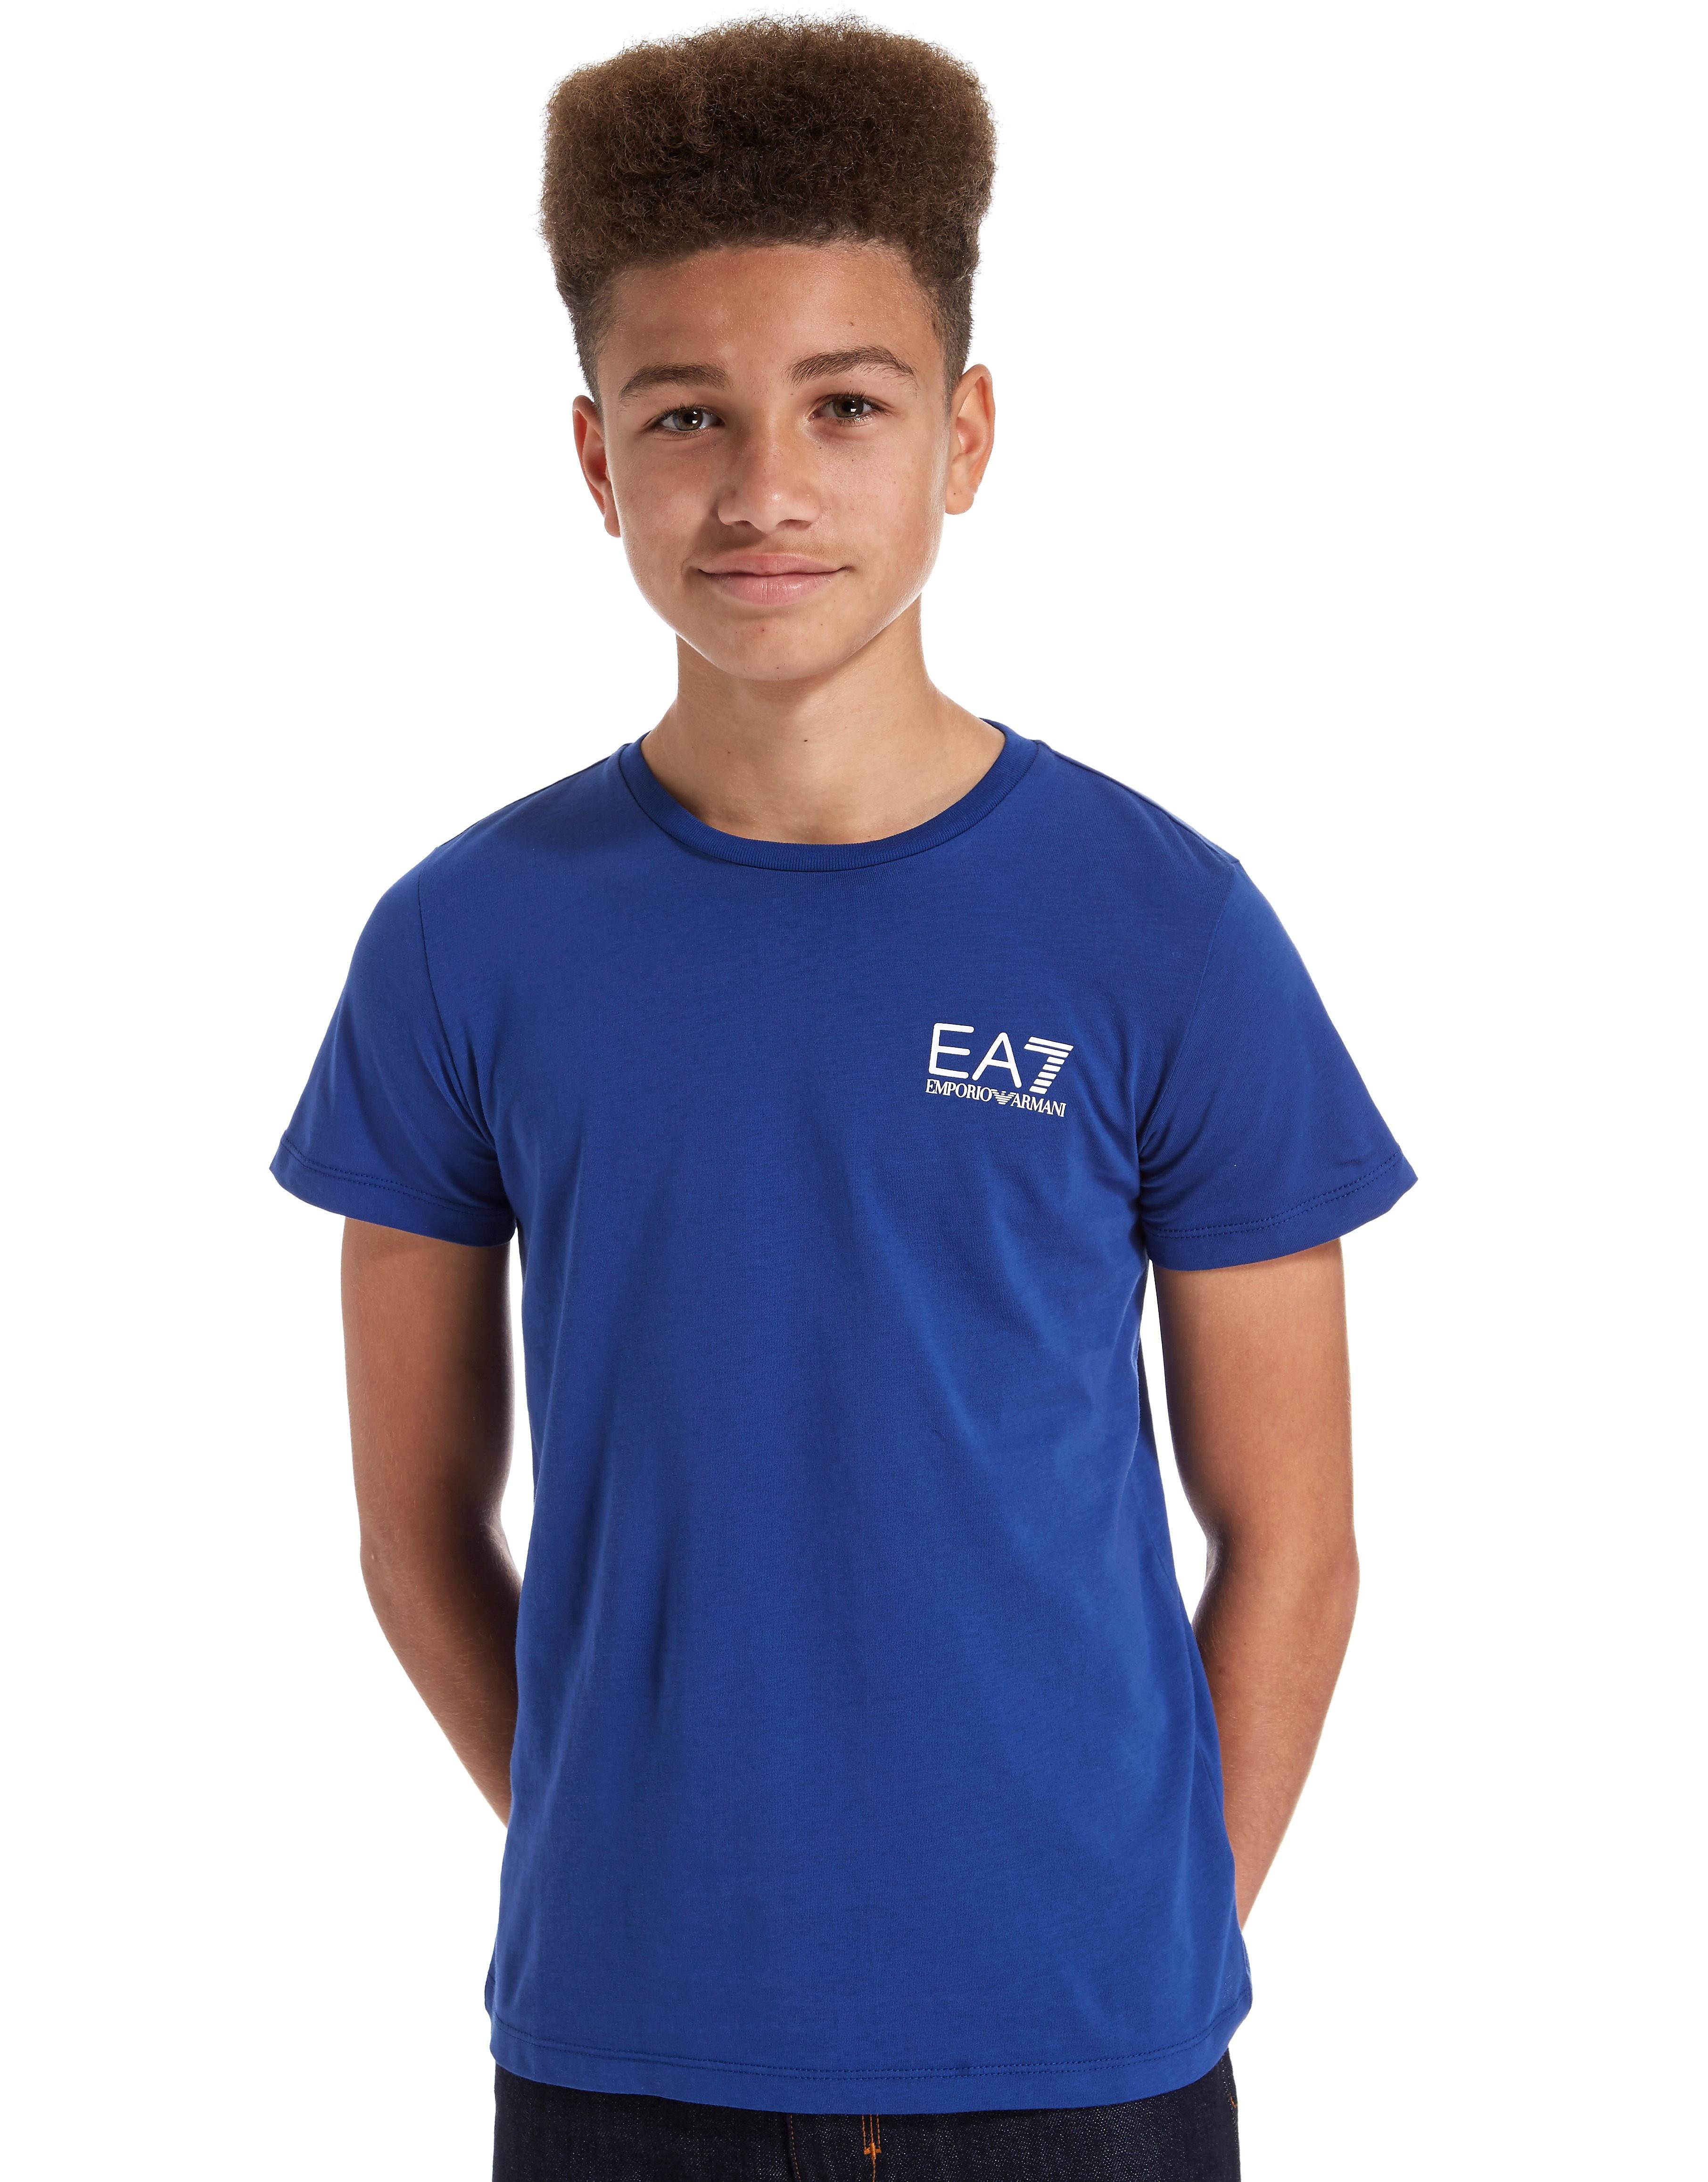 EA7 Core Small Logo T-Shirt Junior